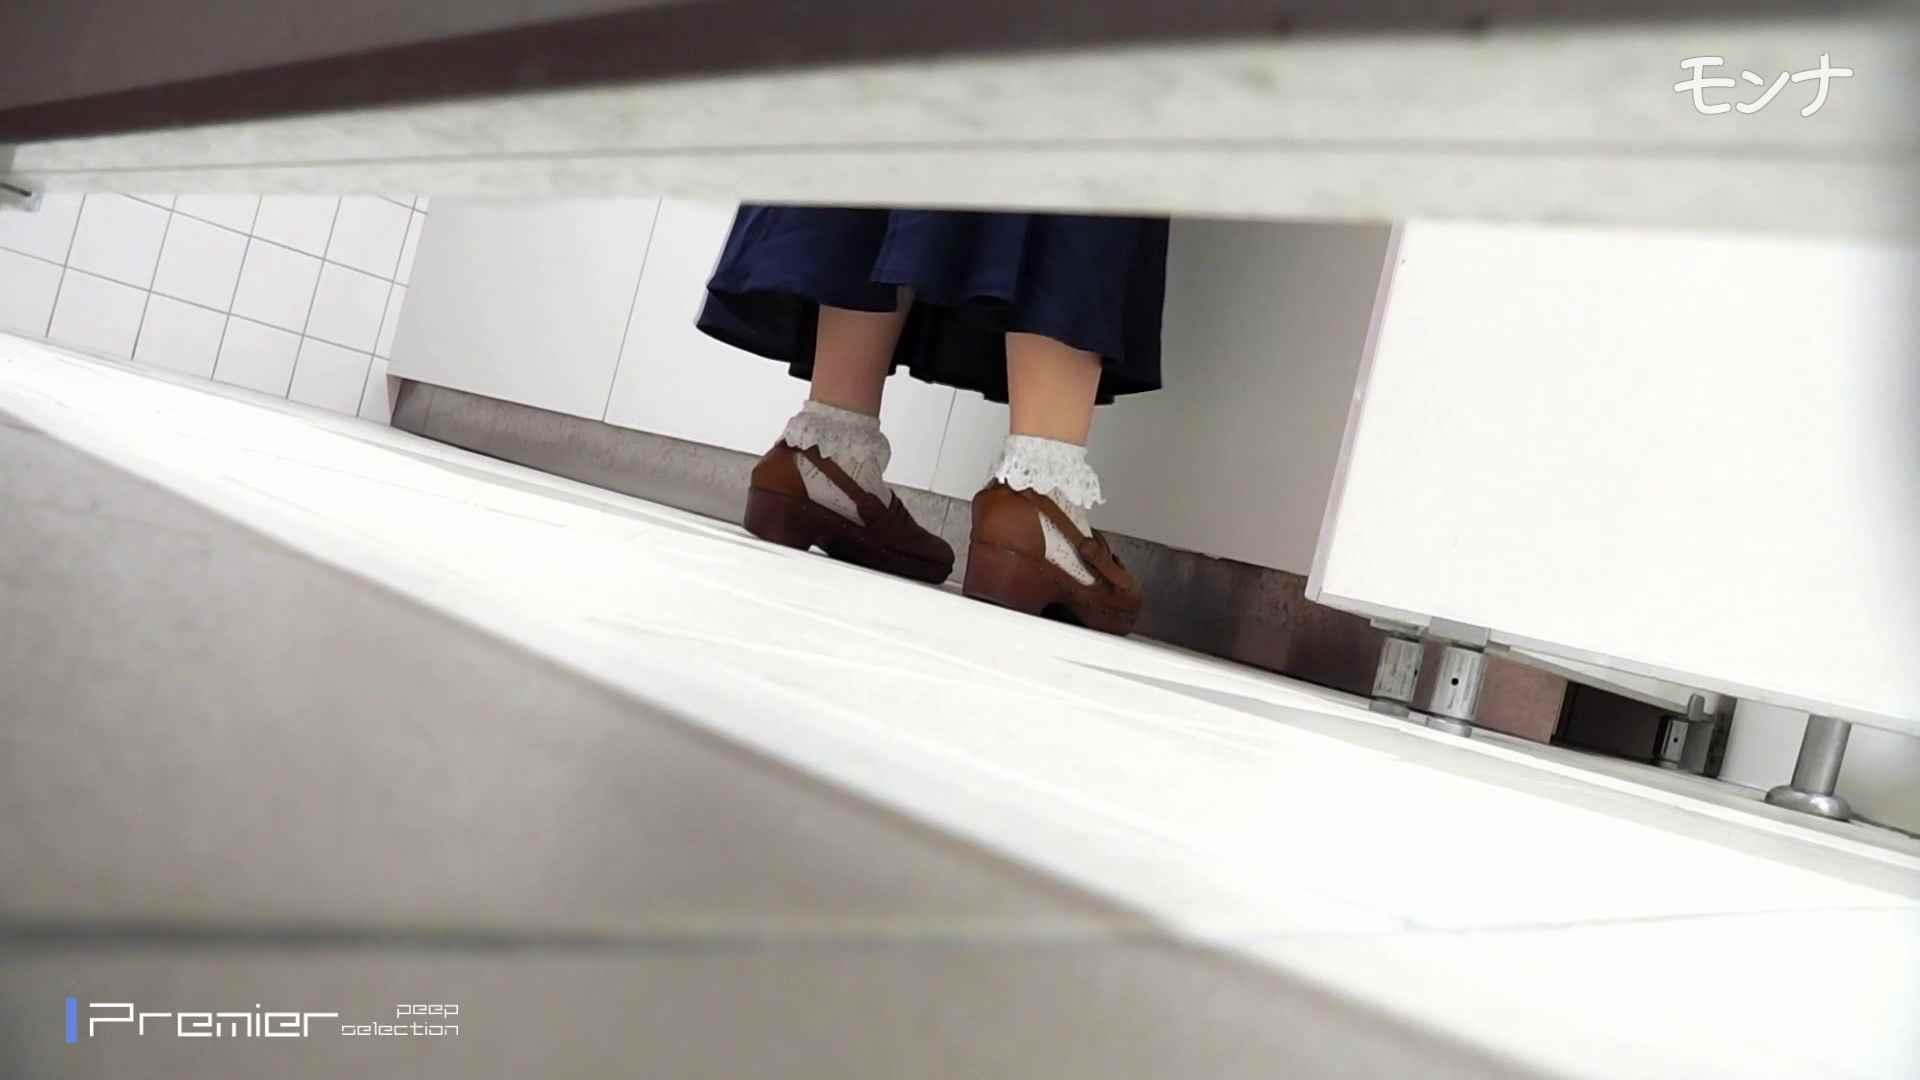 美しい日本の未来 No.55 普通の子たちの日常調長身あり ギャル おめこ無修正動画無料 54pic 22